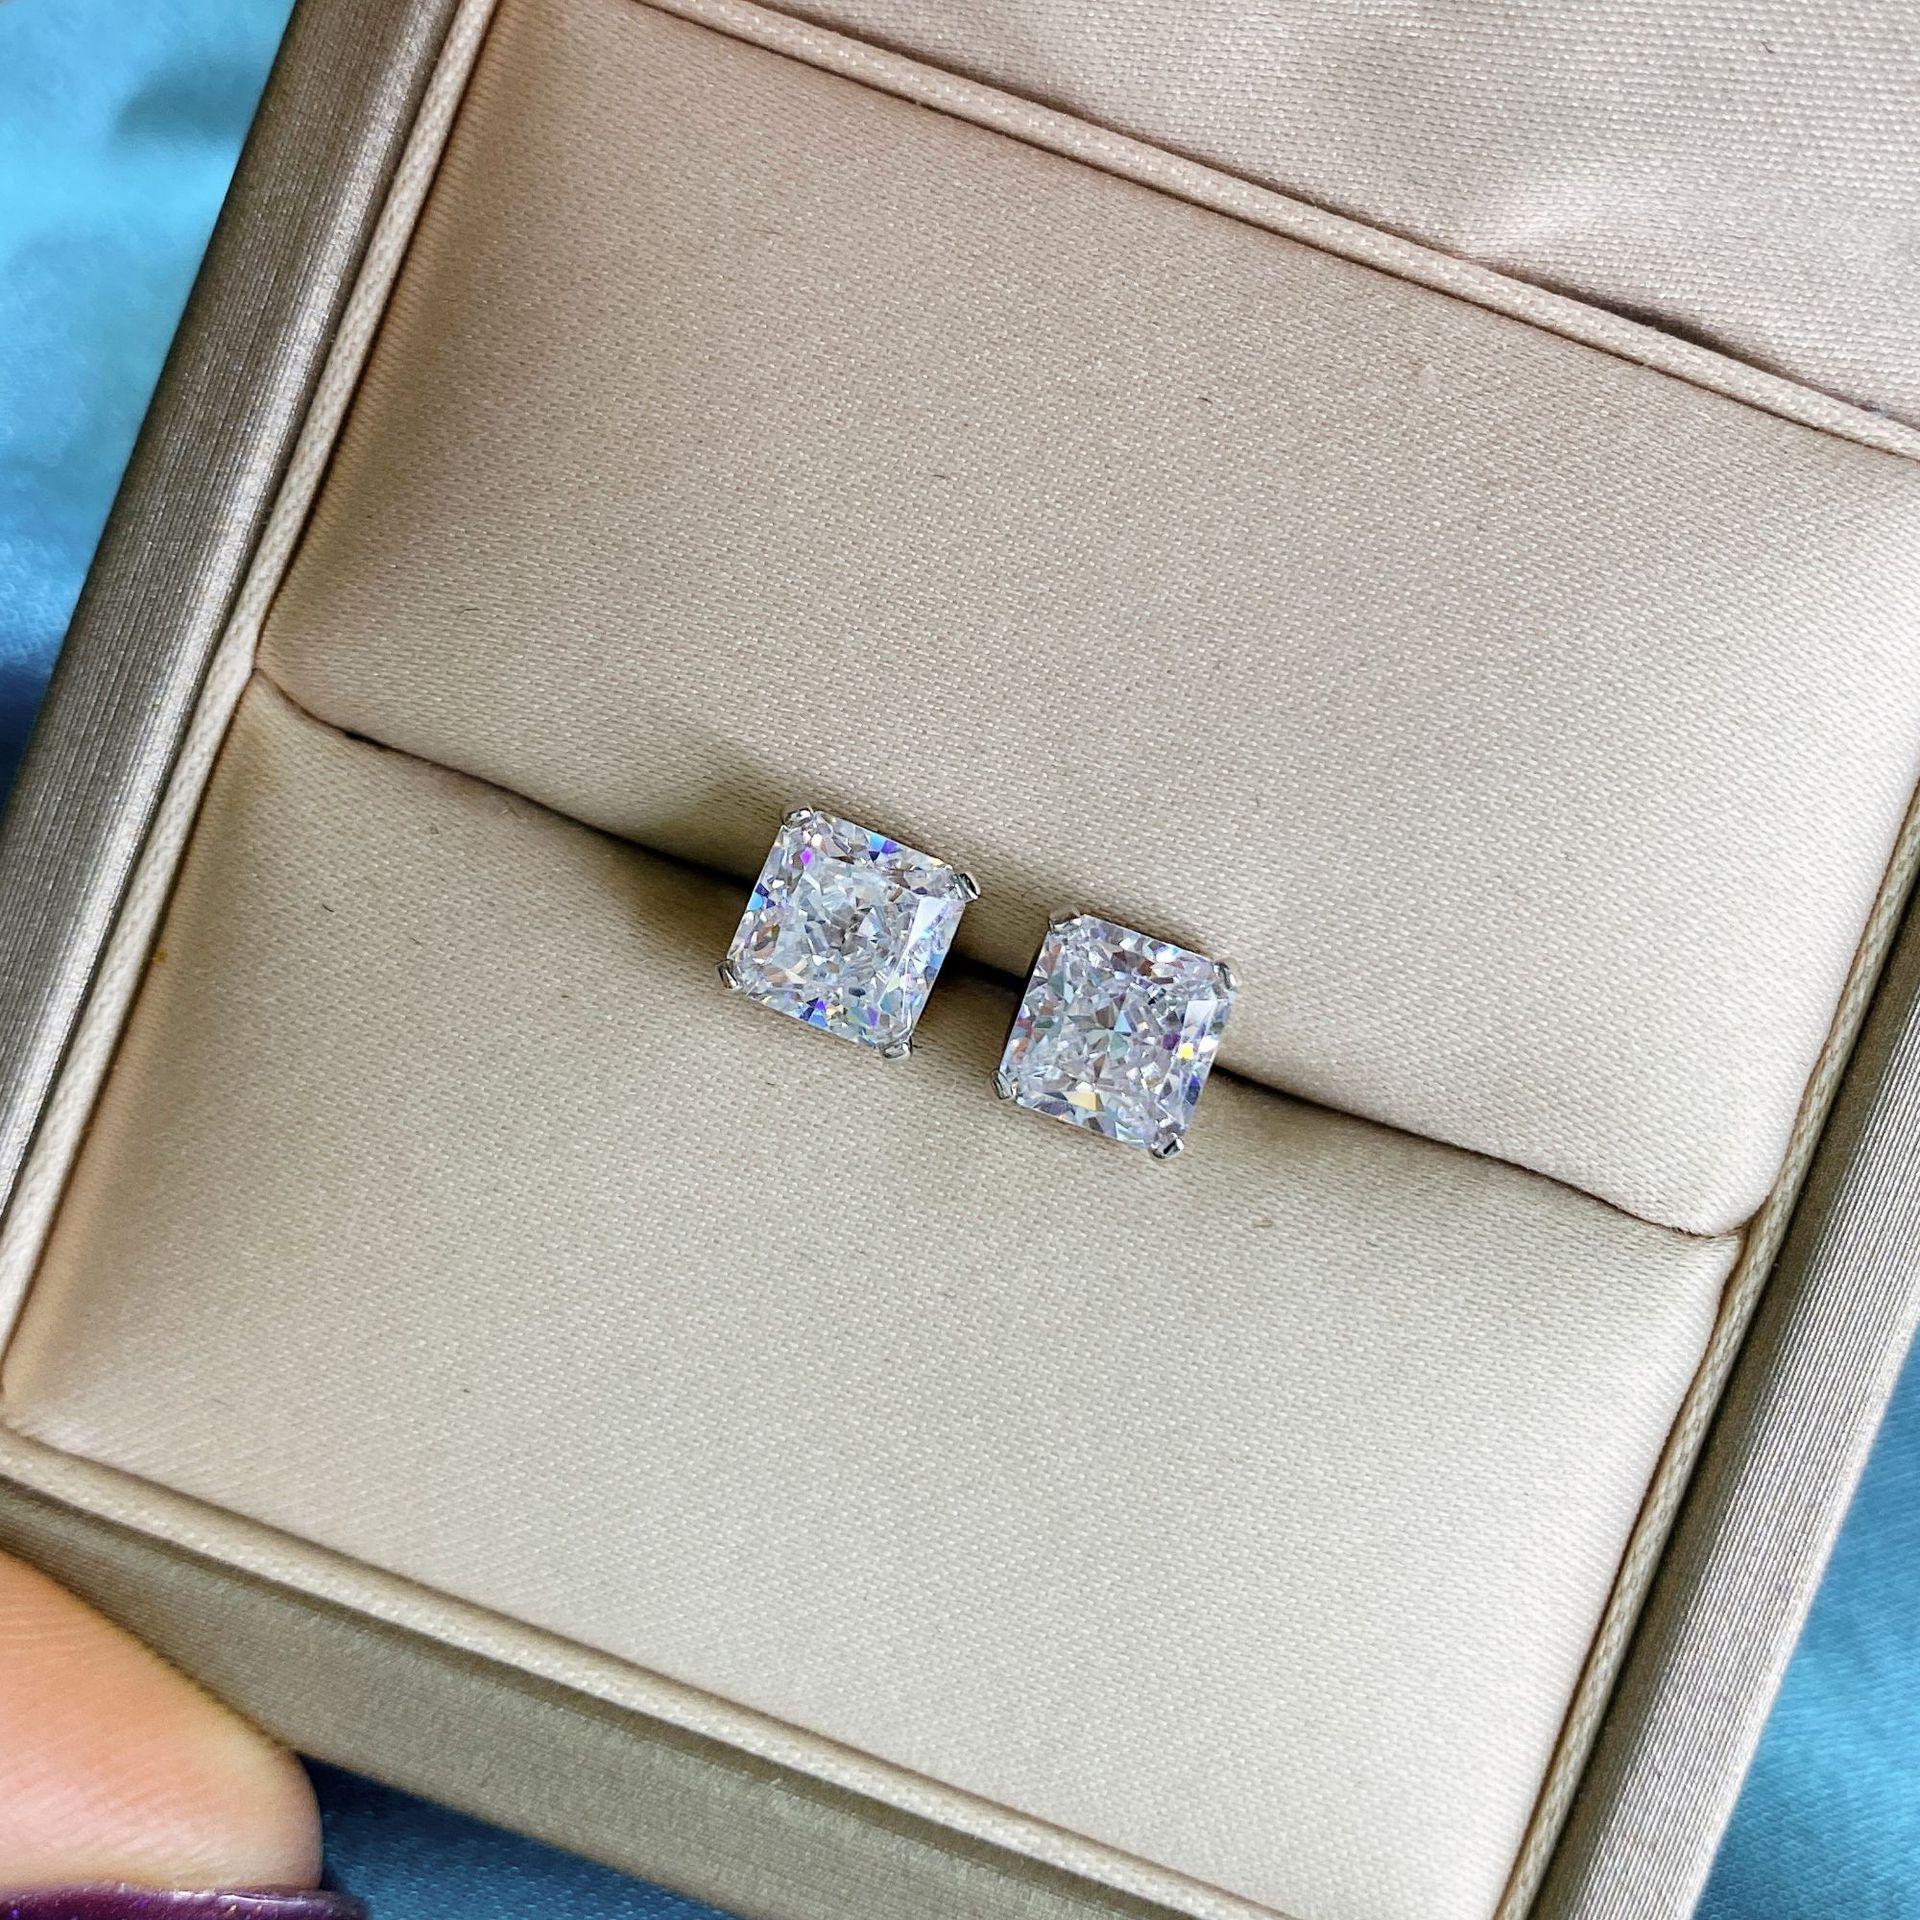 Wong Rain 925 en argent Sterling créé Moissanite diamants pierres précieuses de mariage fiançailles bijoux fins boucles d'oreilles boucles d'oreilles en gros 5